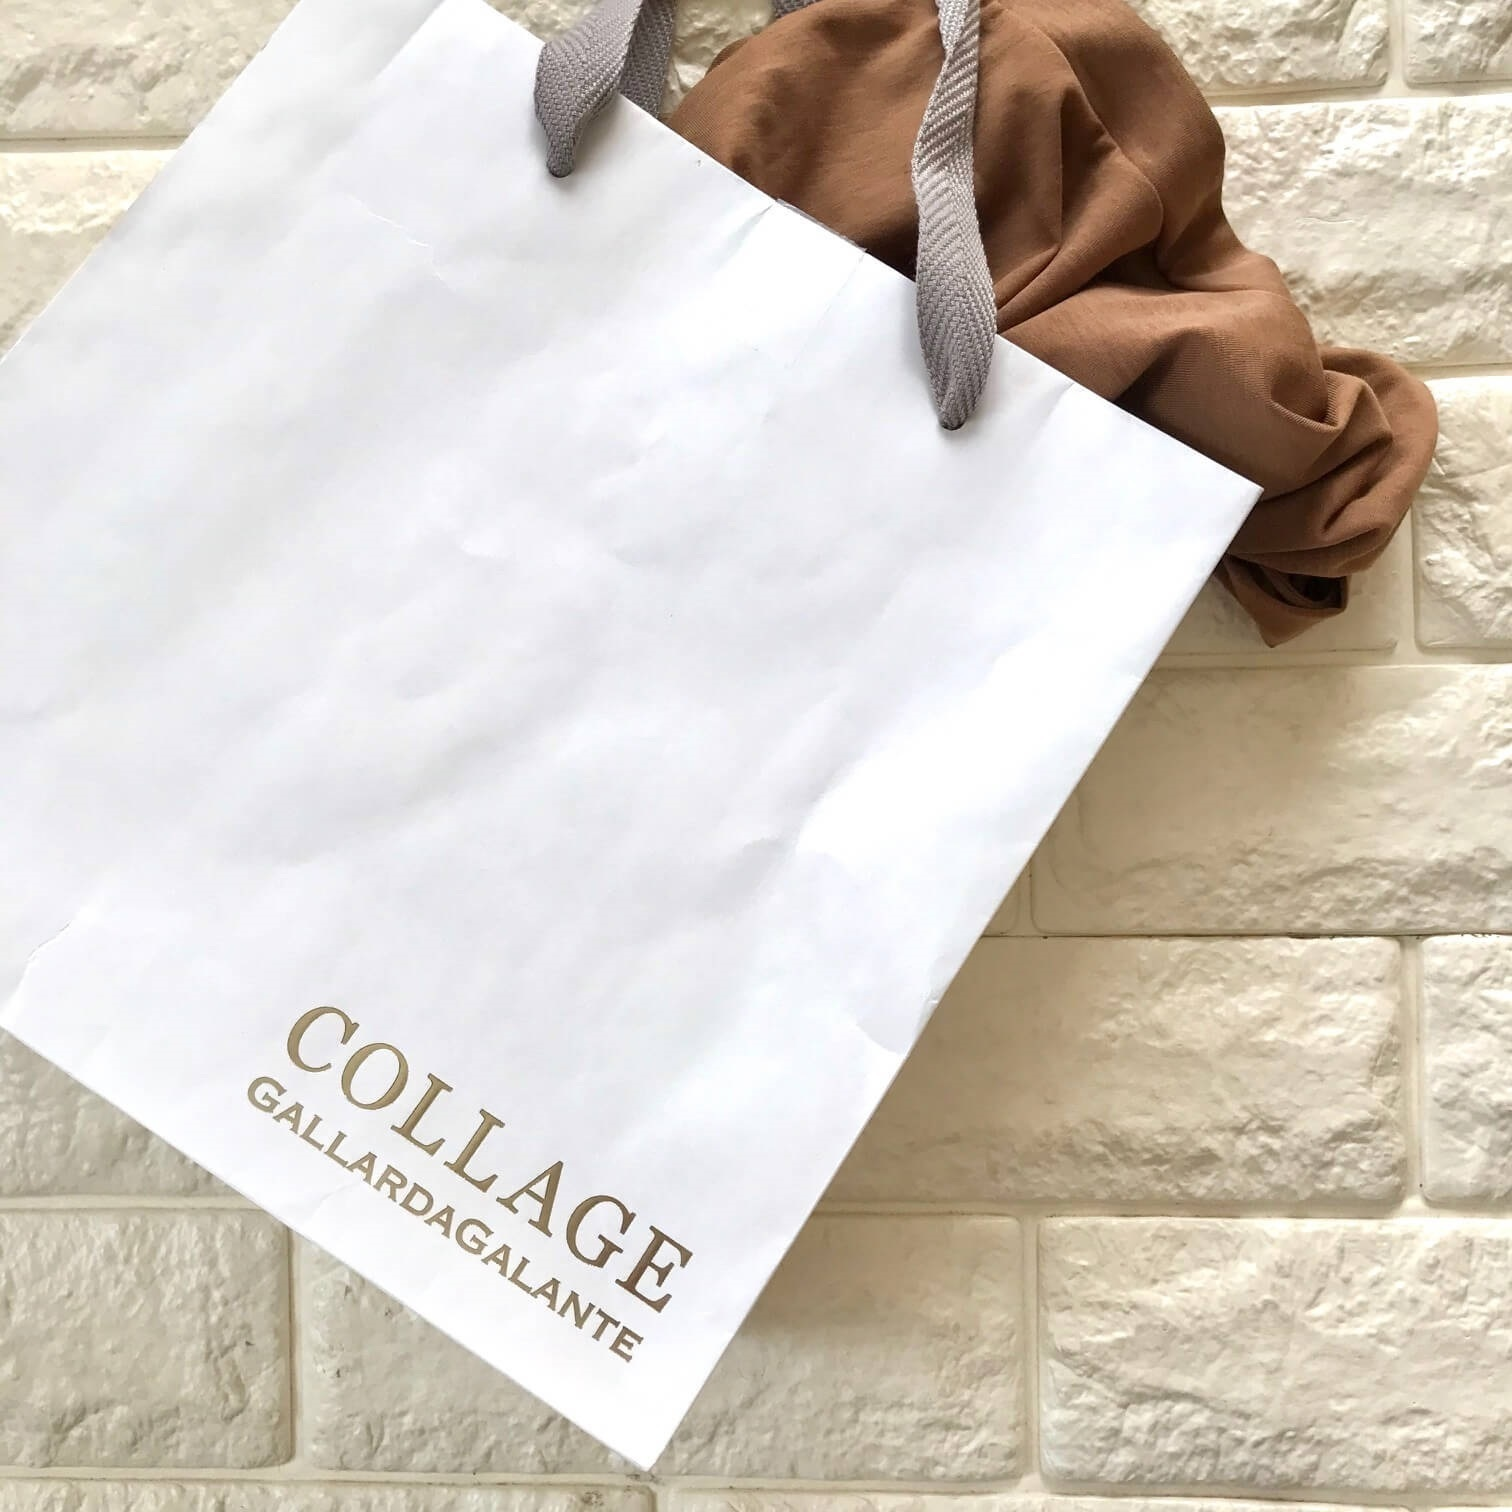 COLLAGE(コラージュ)GALLARDAGALANTE(ガリャルダガランテ)